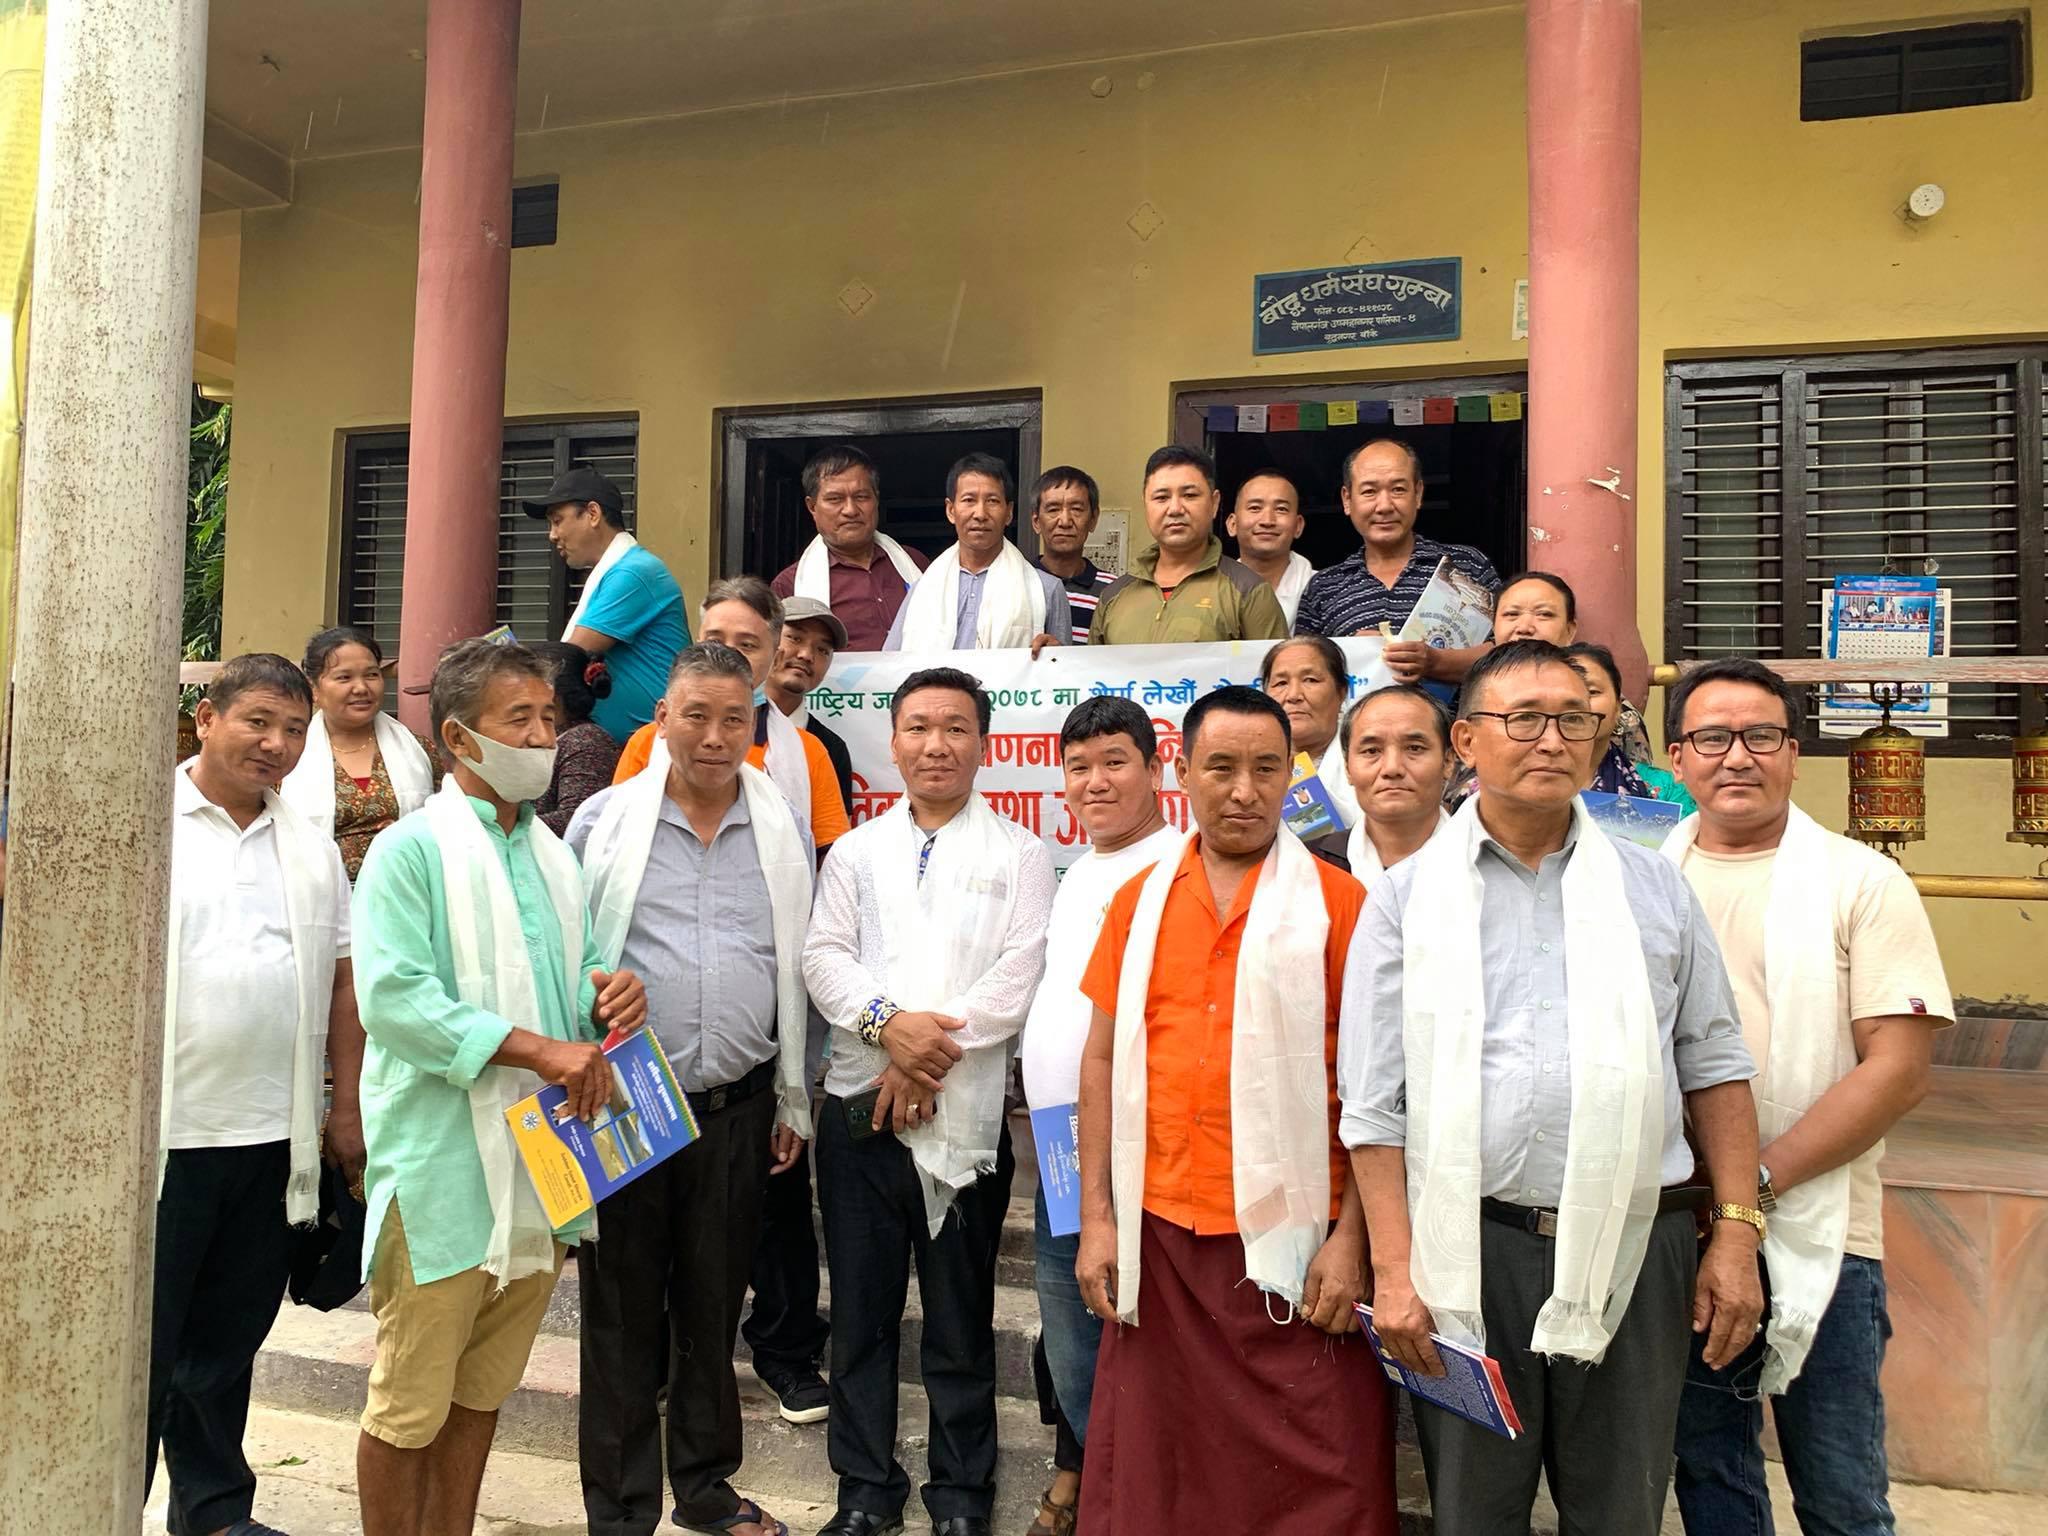 राष्ट्रिय जनगणनाः नेपालगन्जमा शेर्पाहरु सचेत बन्ने